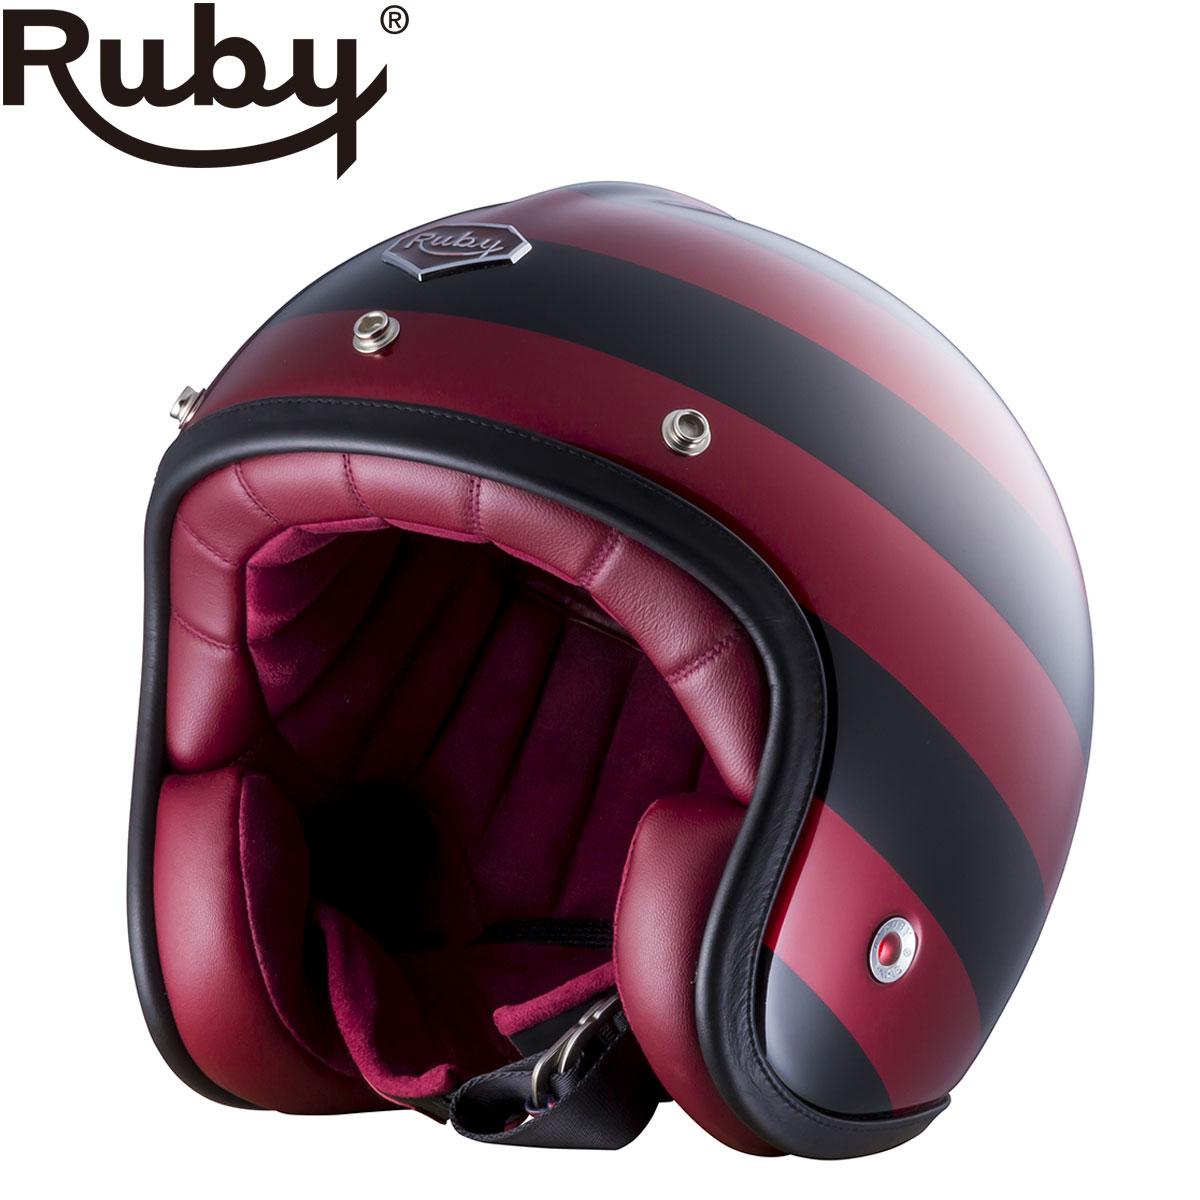 予約/受注生産【ルビー/Ruby】モンマルトル パヴィヨン ヘルメット オープンフェイスタイプ バイク カーボン製 ※納期2ヶ月程度